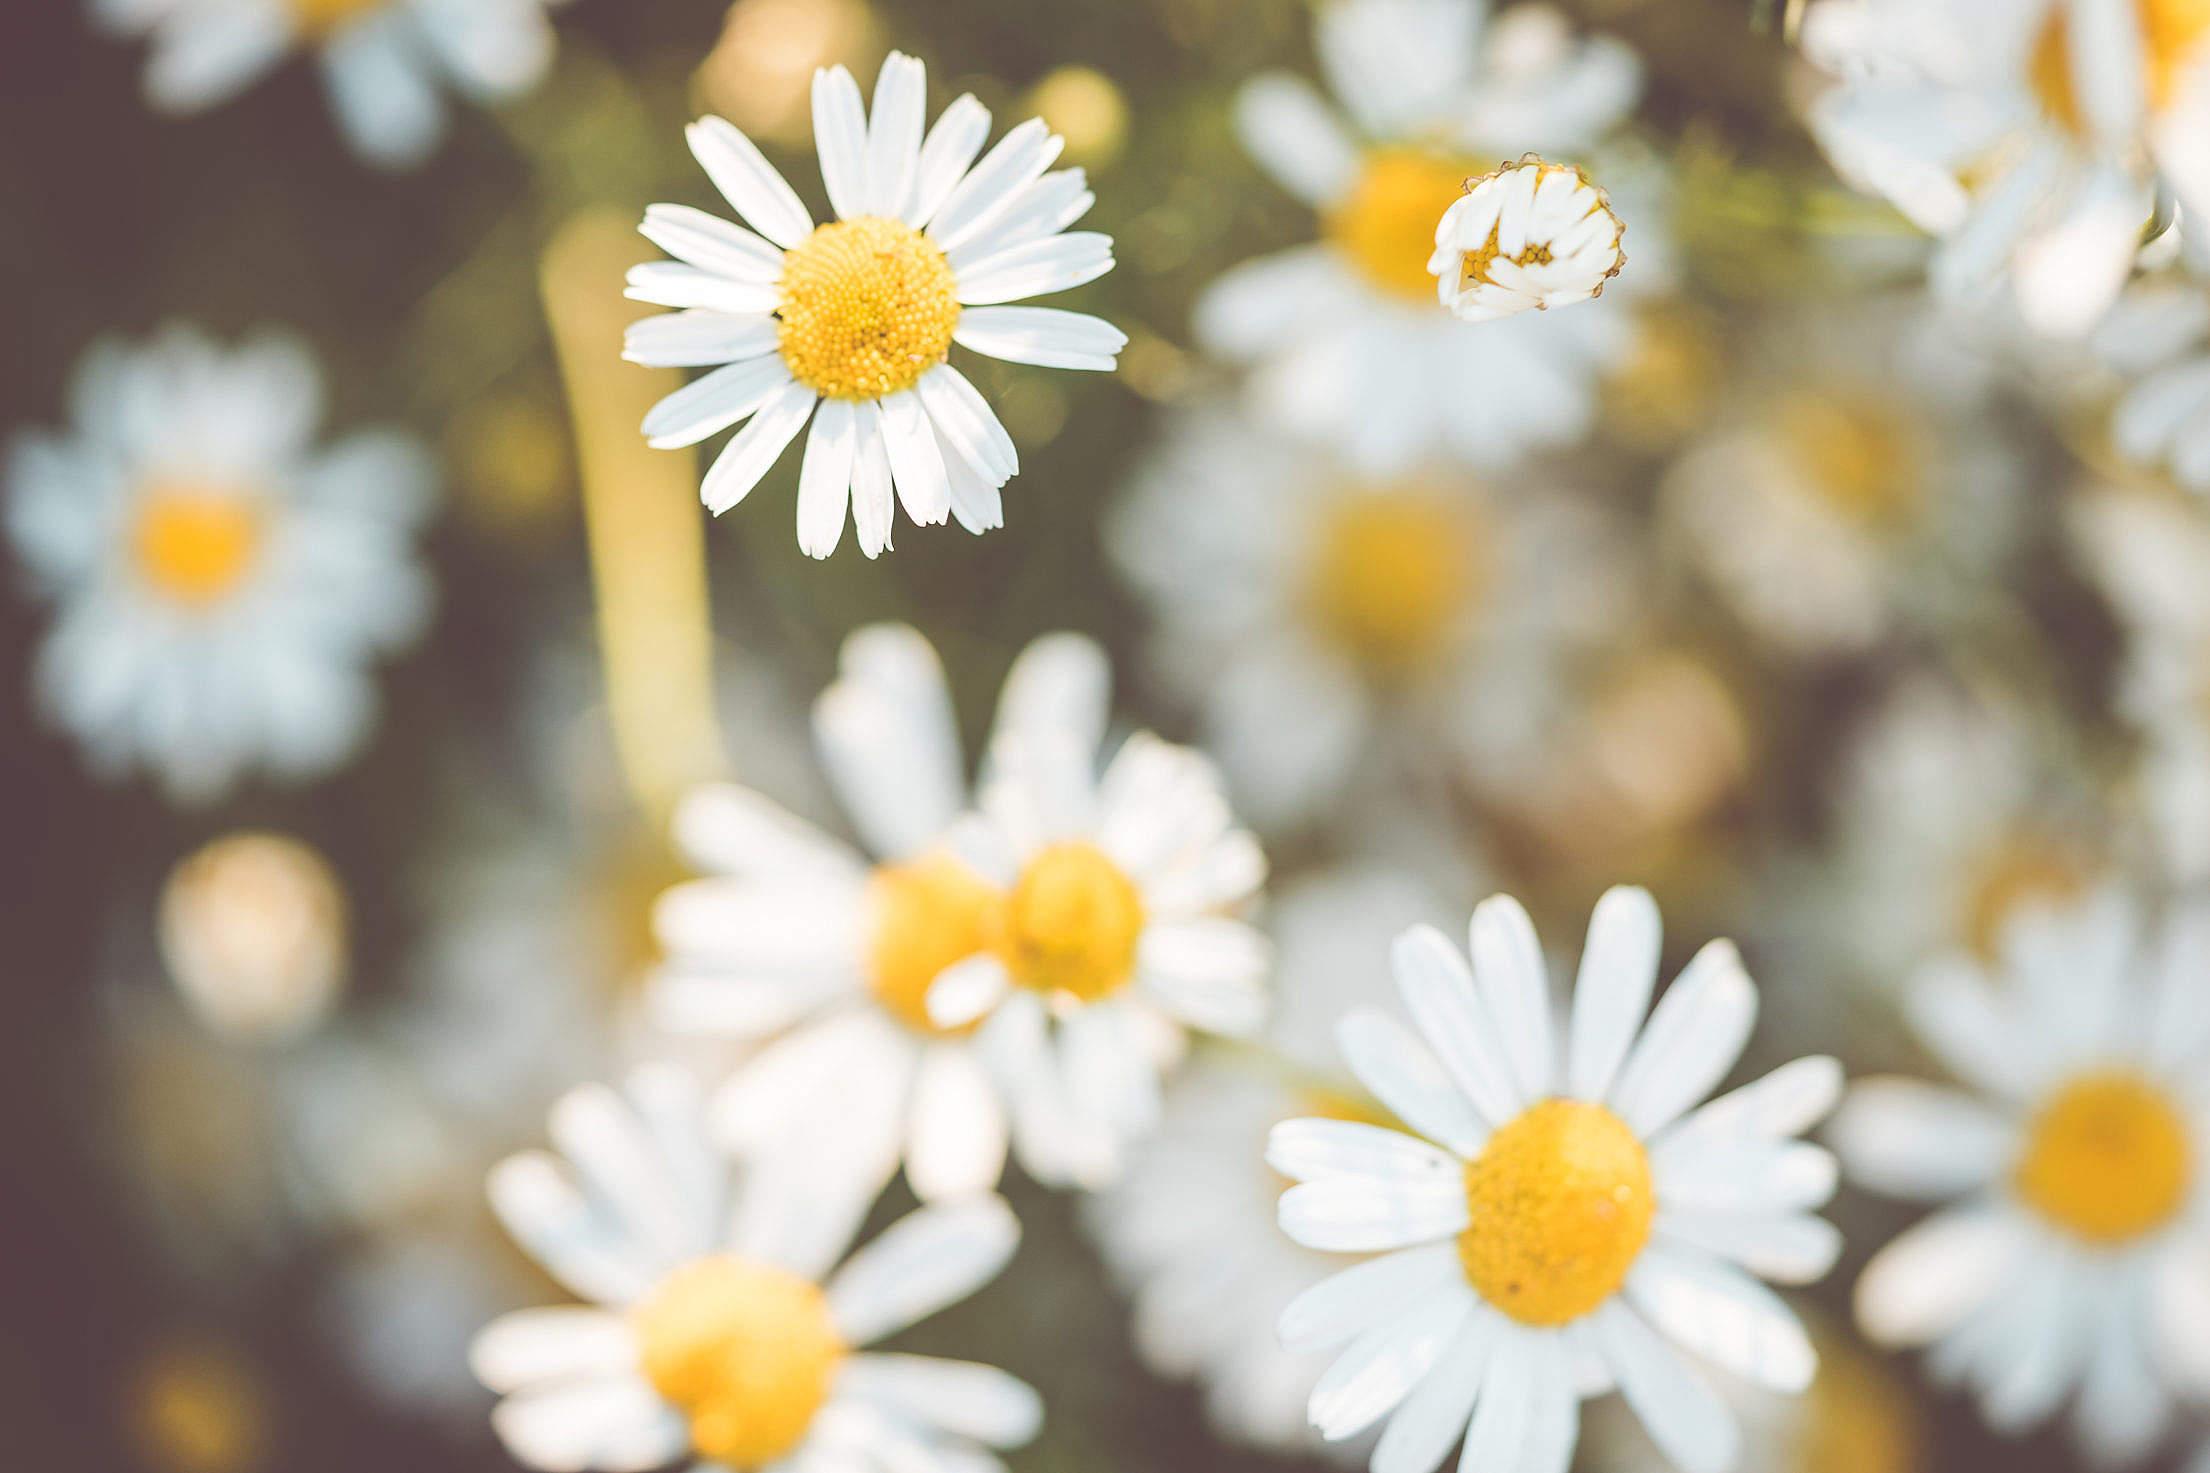 Daisy Flowers #2 Free Stock Photo